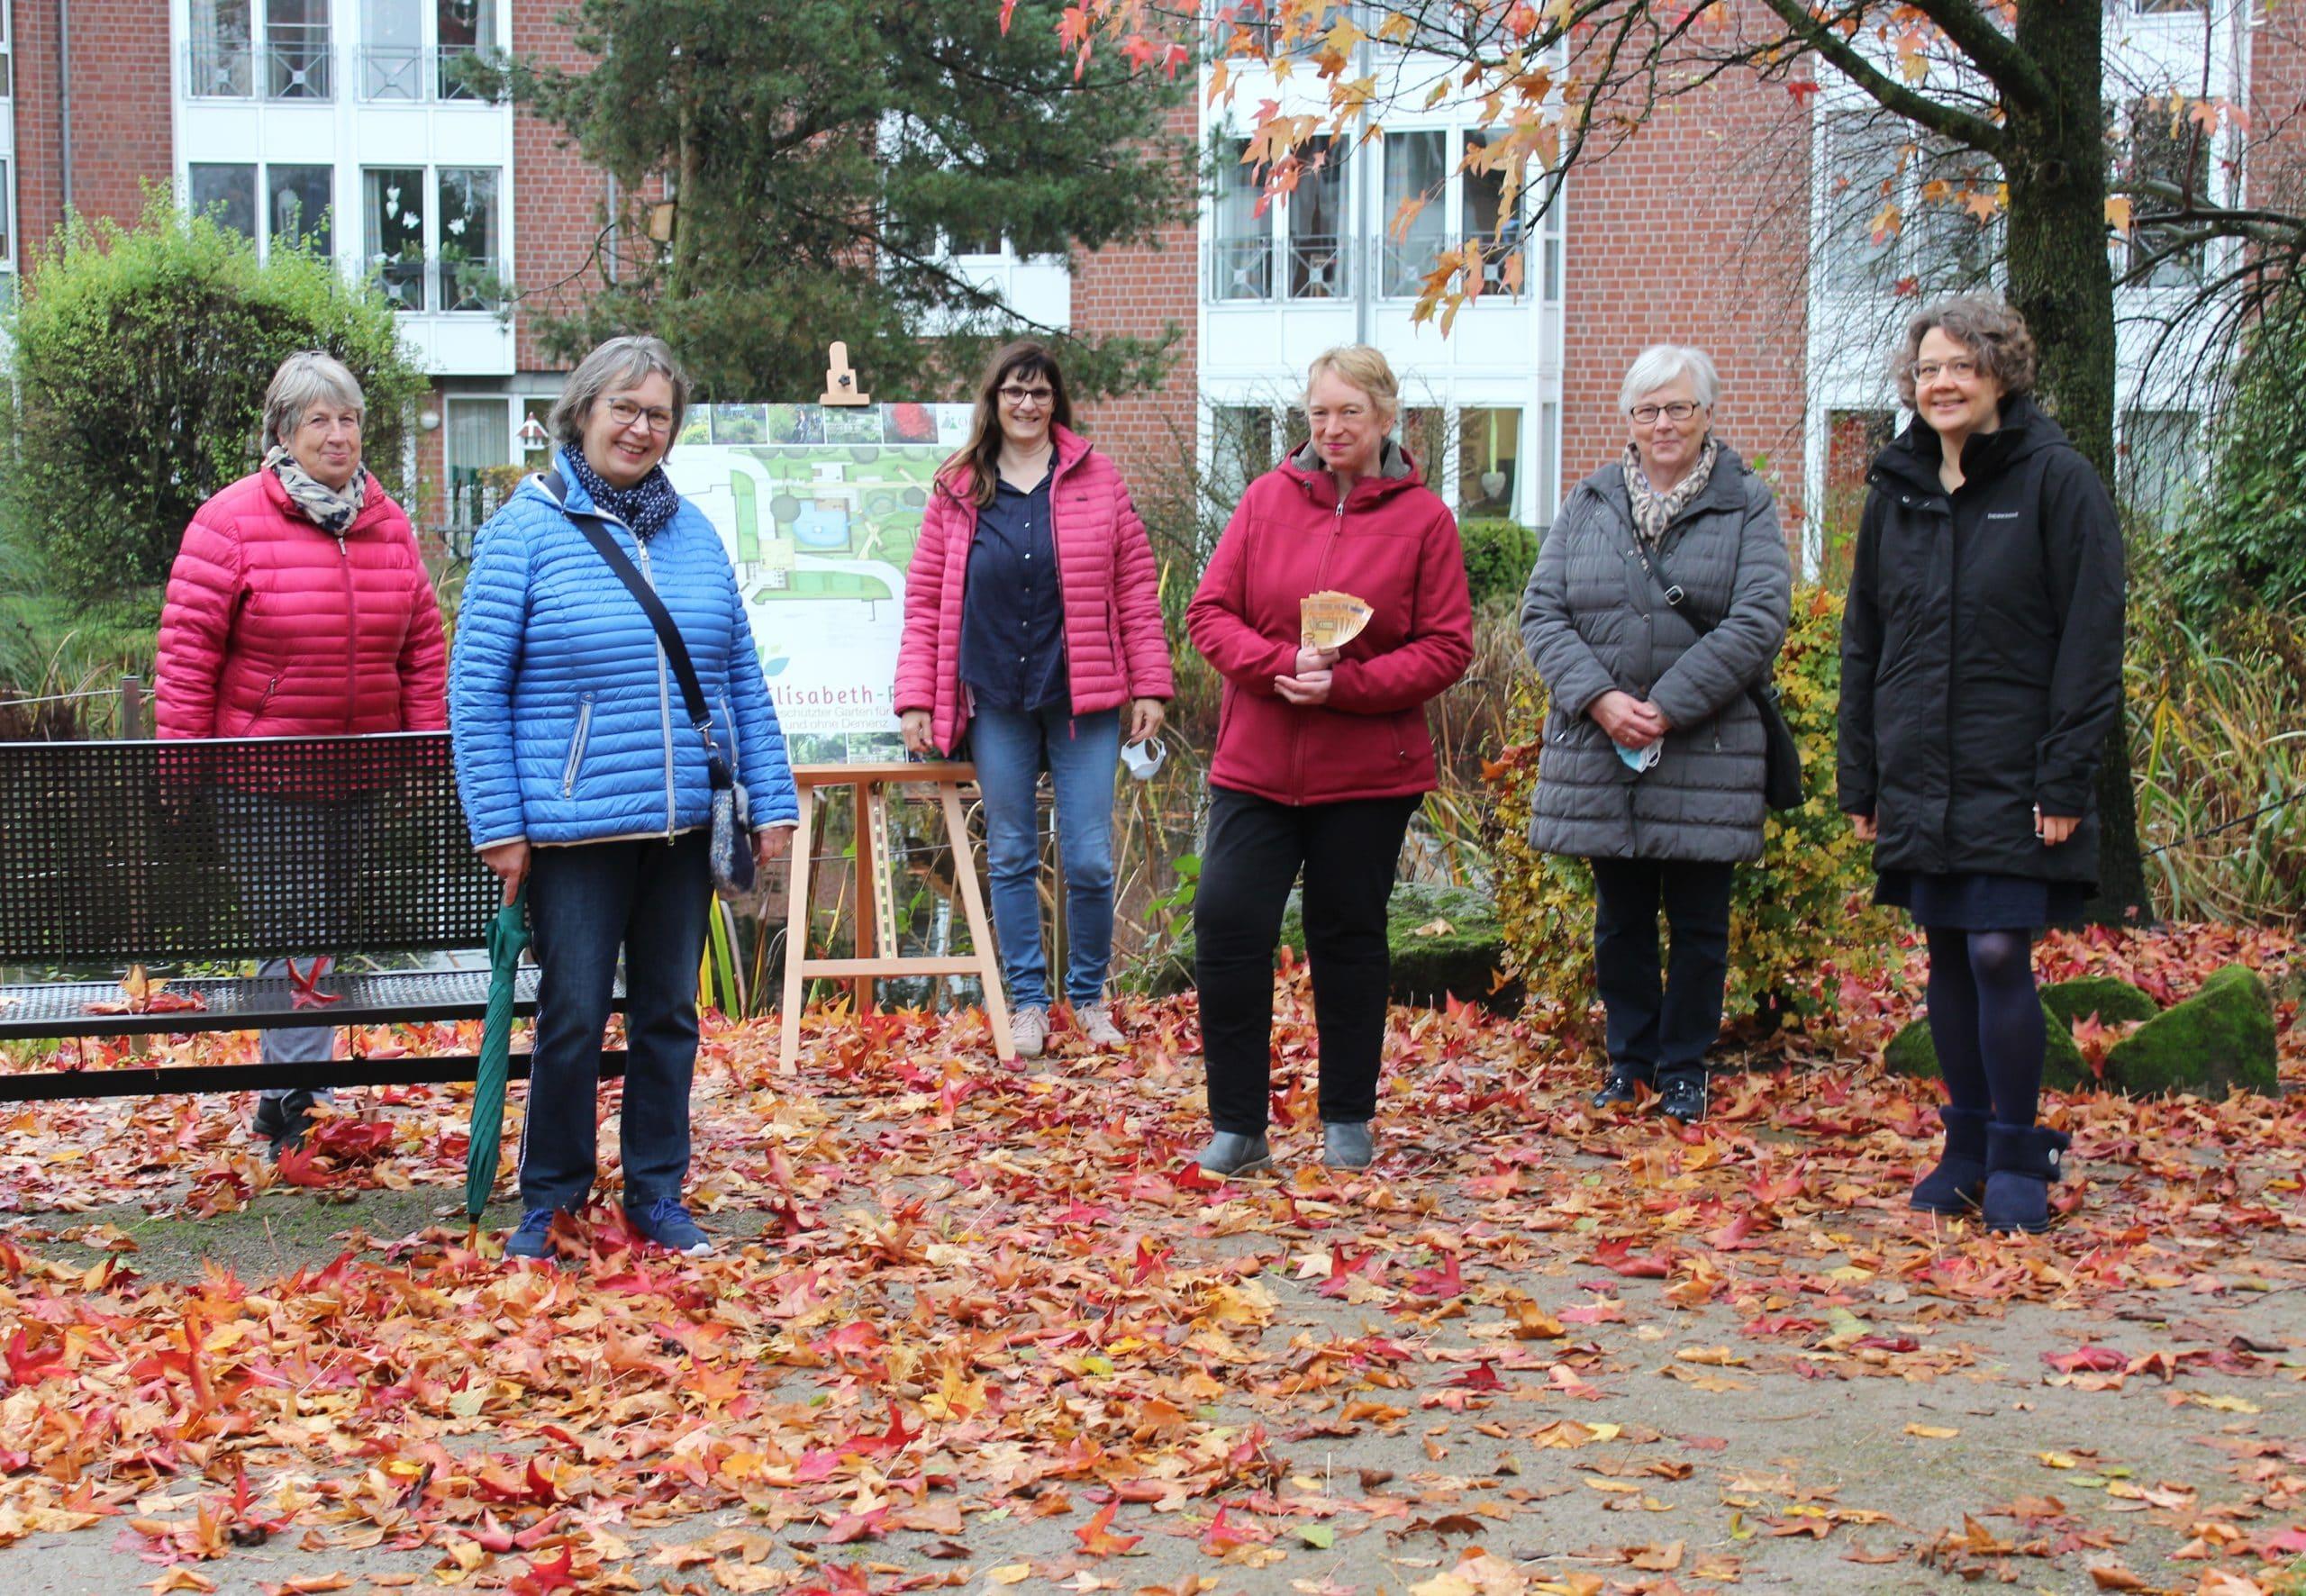 Großzügige Spende der kfd Nottuln für die geplante Garten-Oase im St. Elisabeth-Stift